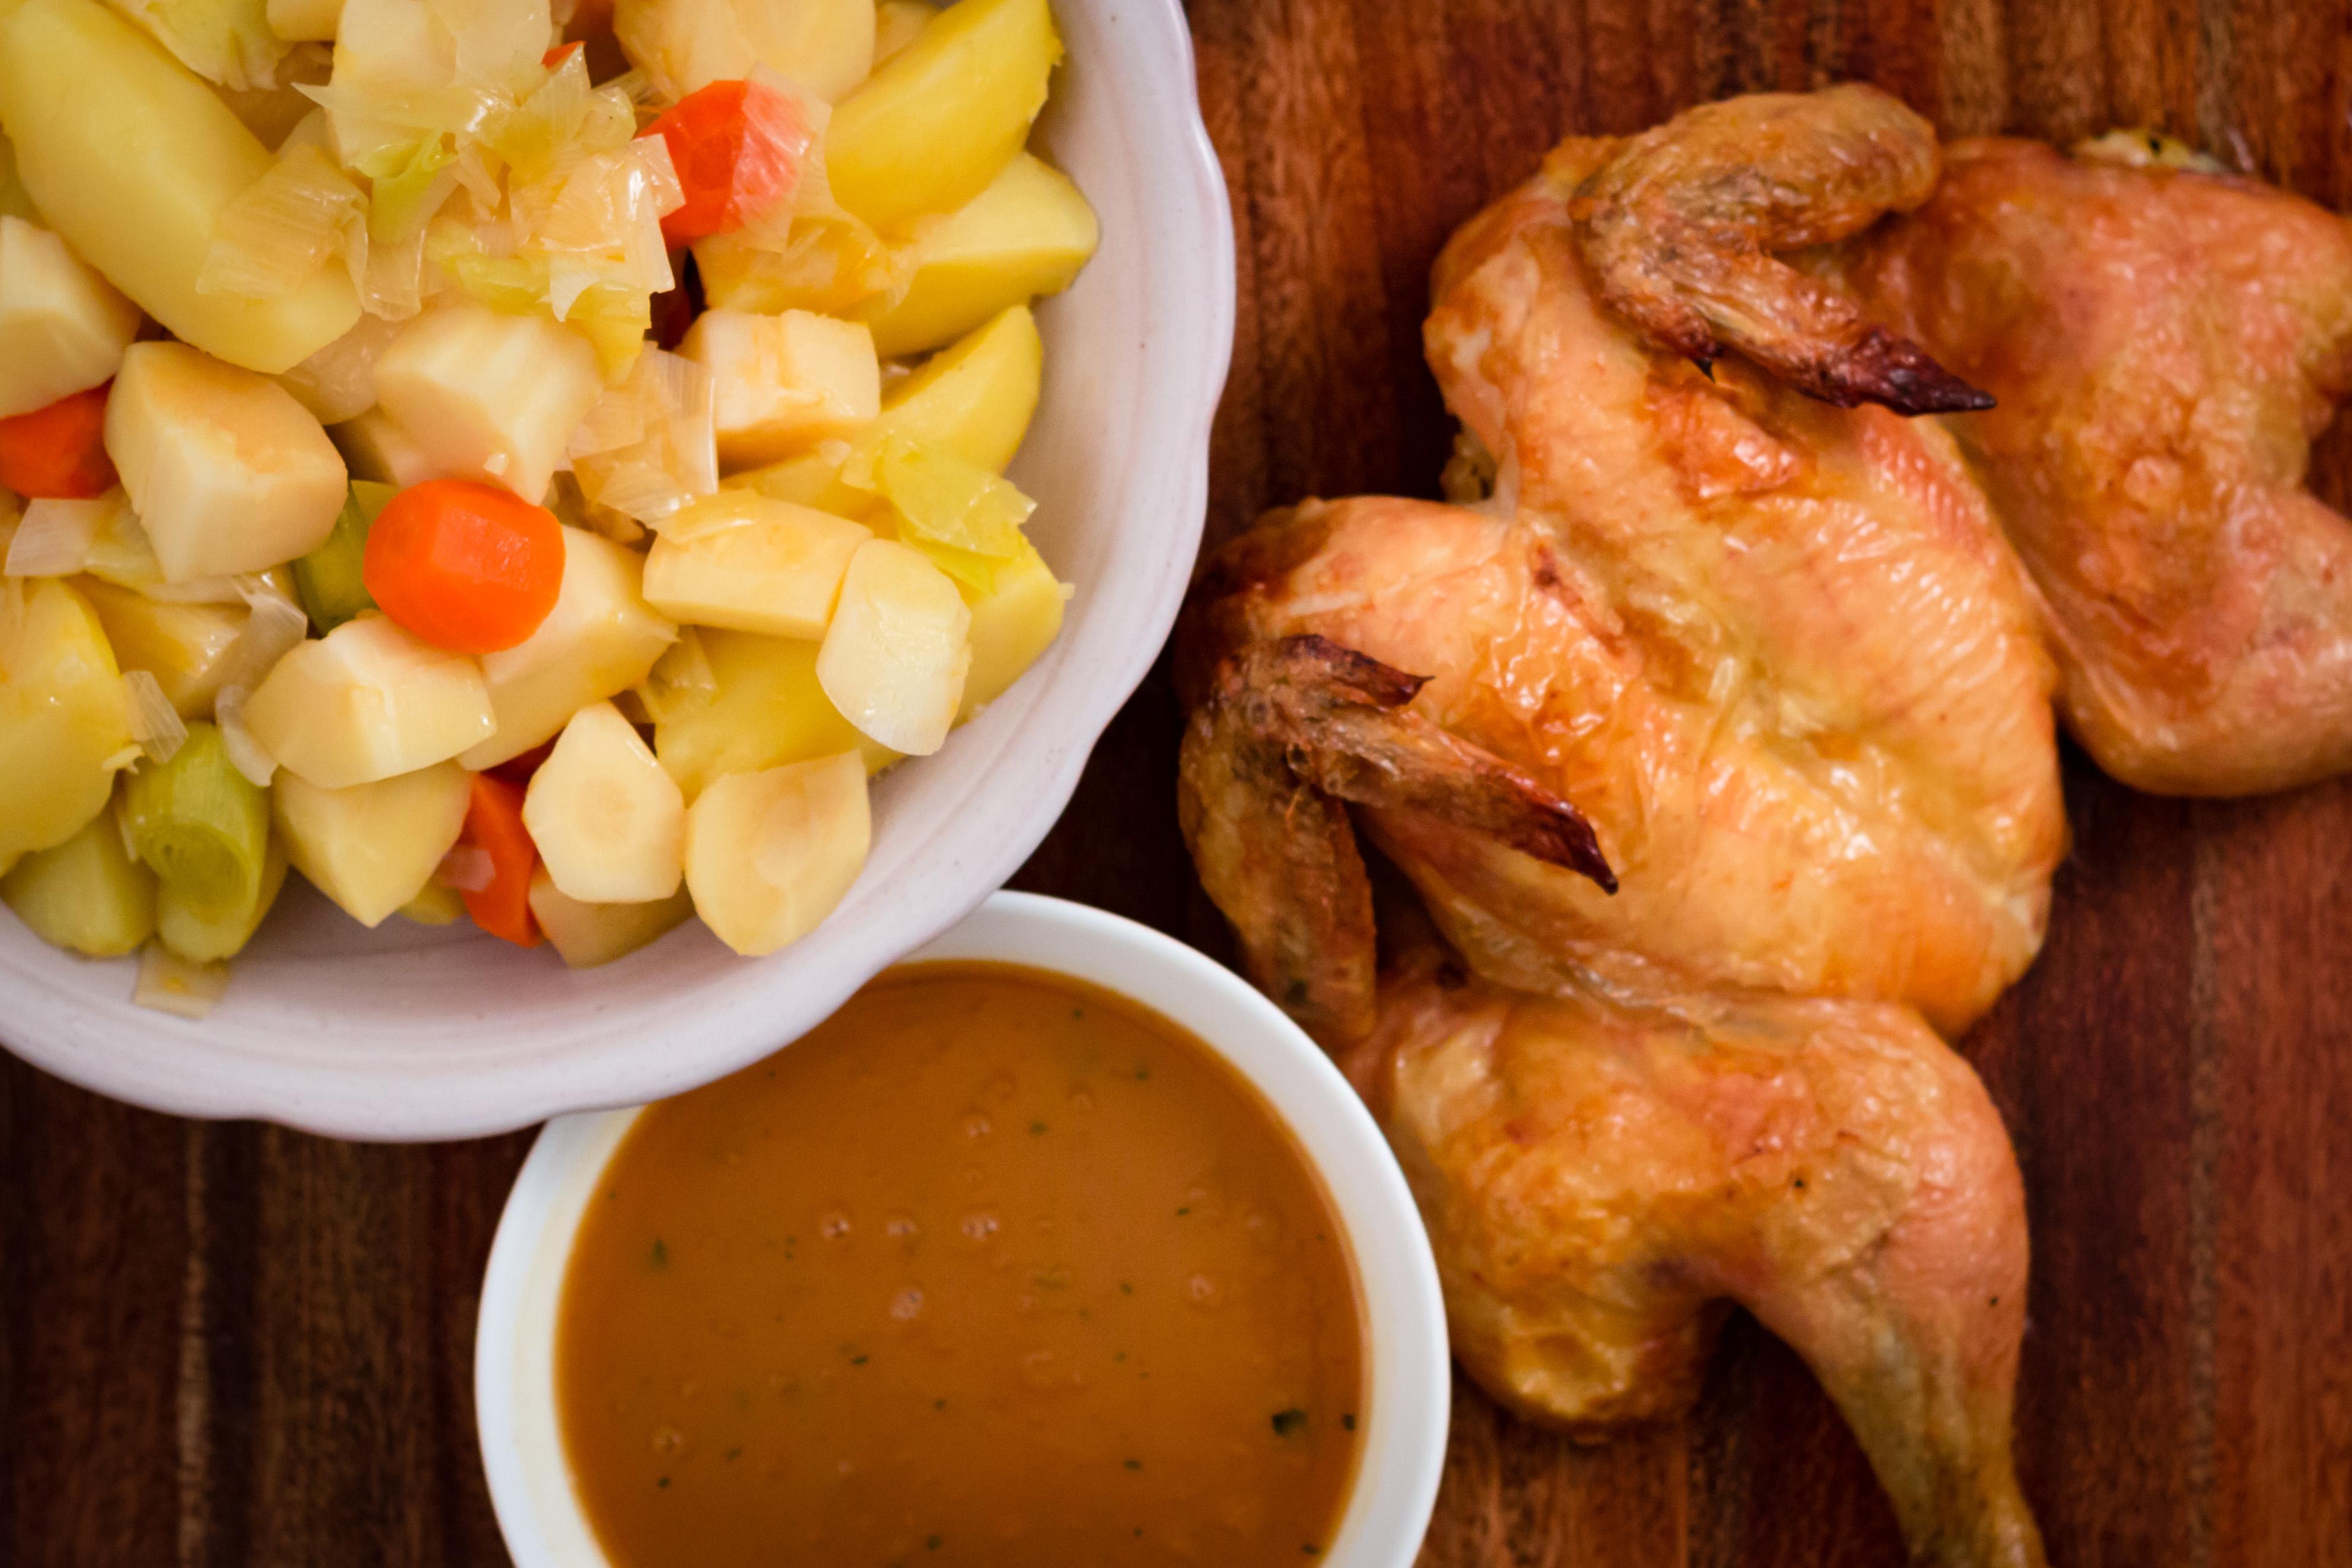 Helstekt kyckling med grönsaker och hemgjord sås